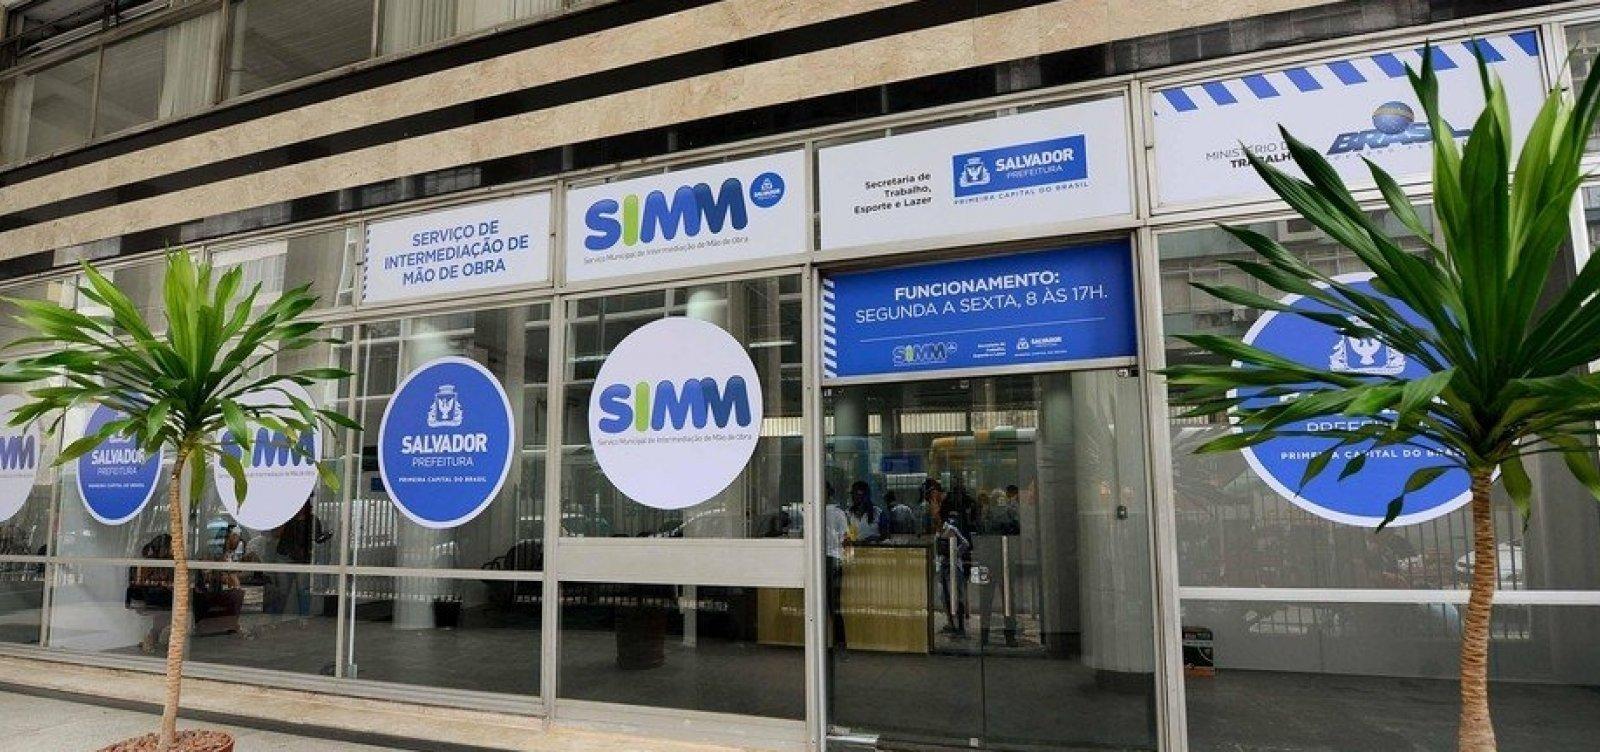 [Simm abre 20 vagas de emprego em Salvador]